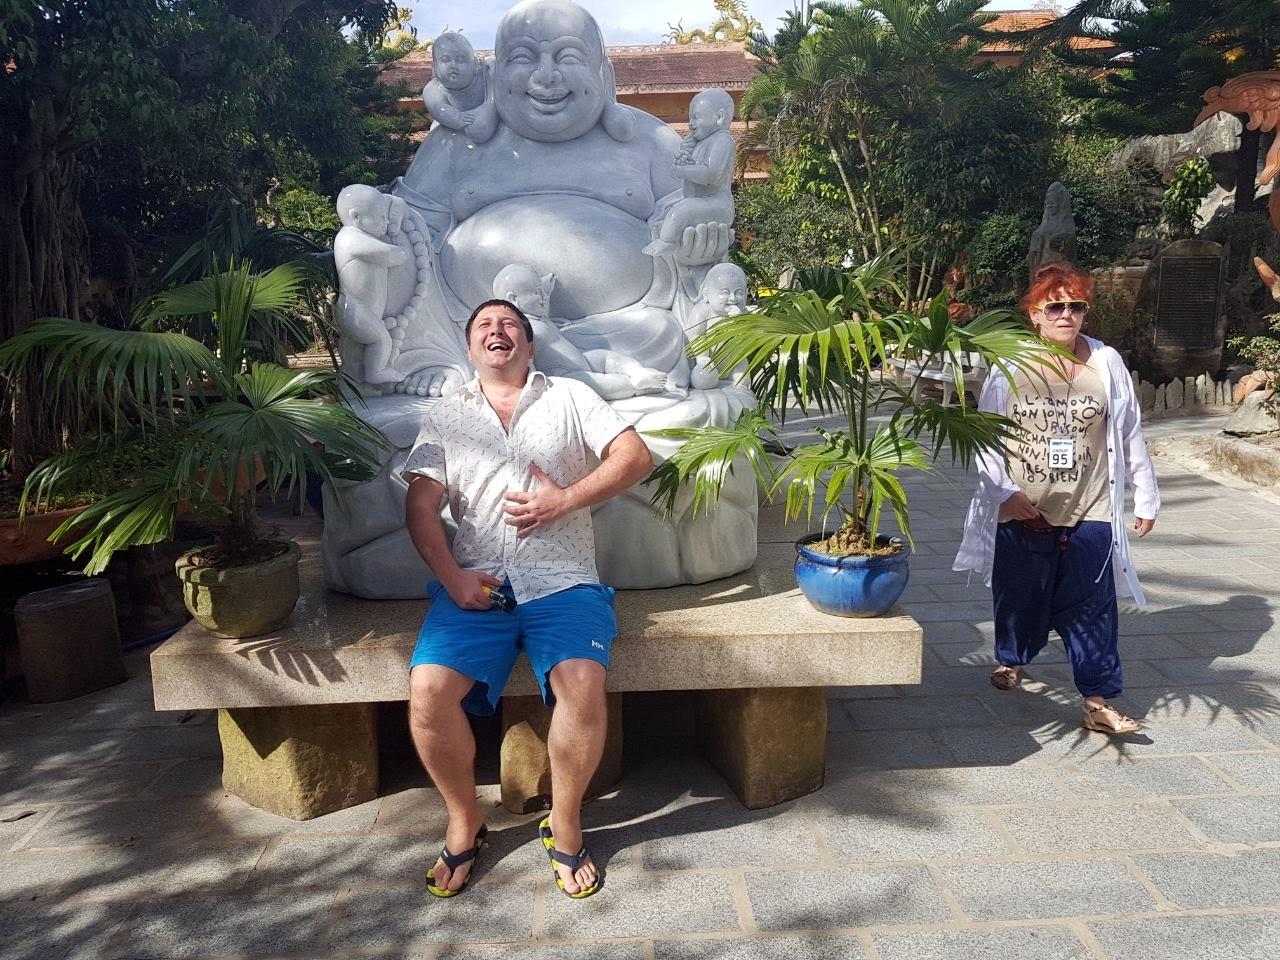 Будда тут как понимаете в большом почете. Этот храм, часть экскурсии, минут 30 зачитки информации с Википедии и двигаем дальше. Мы хоть пофоткались